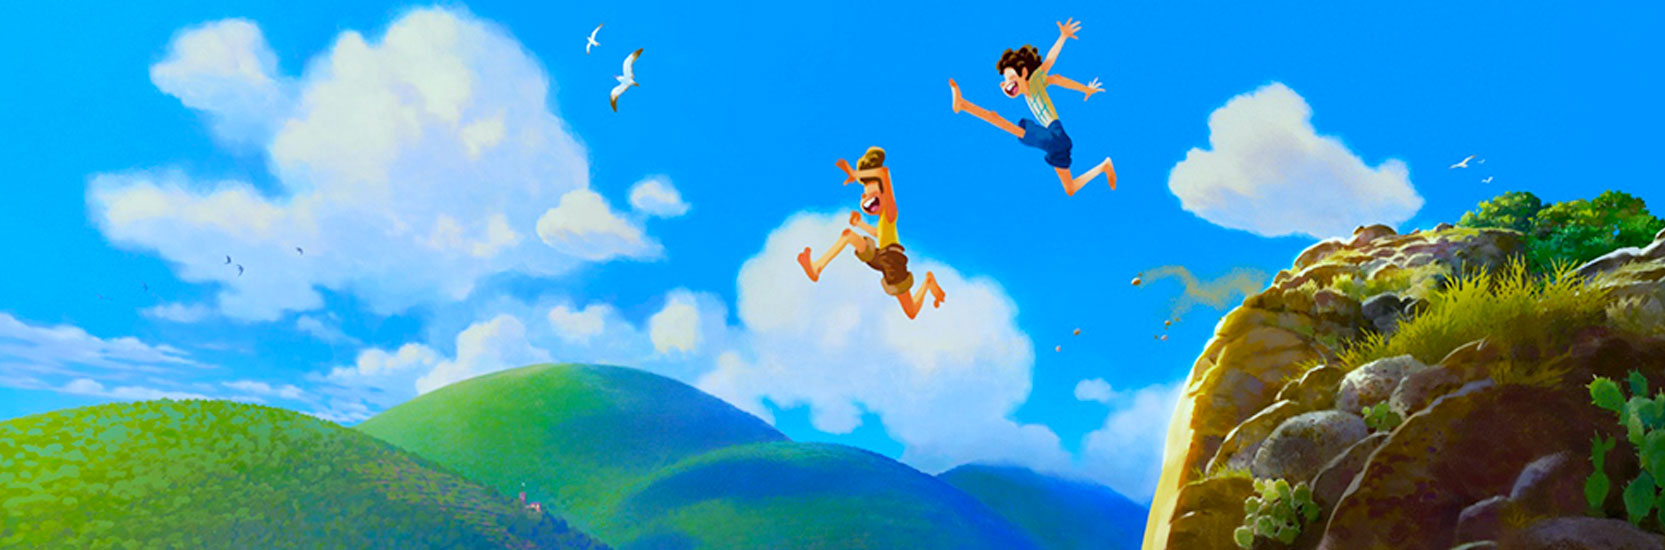 """Enrico Casarosa réalise """"Luca"""", le Pixar de l'été 2021"""